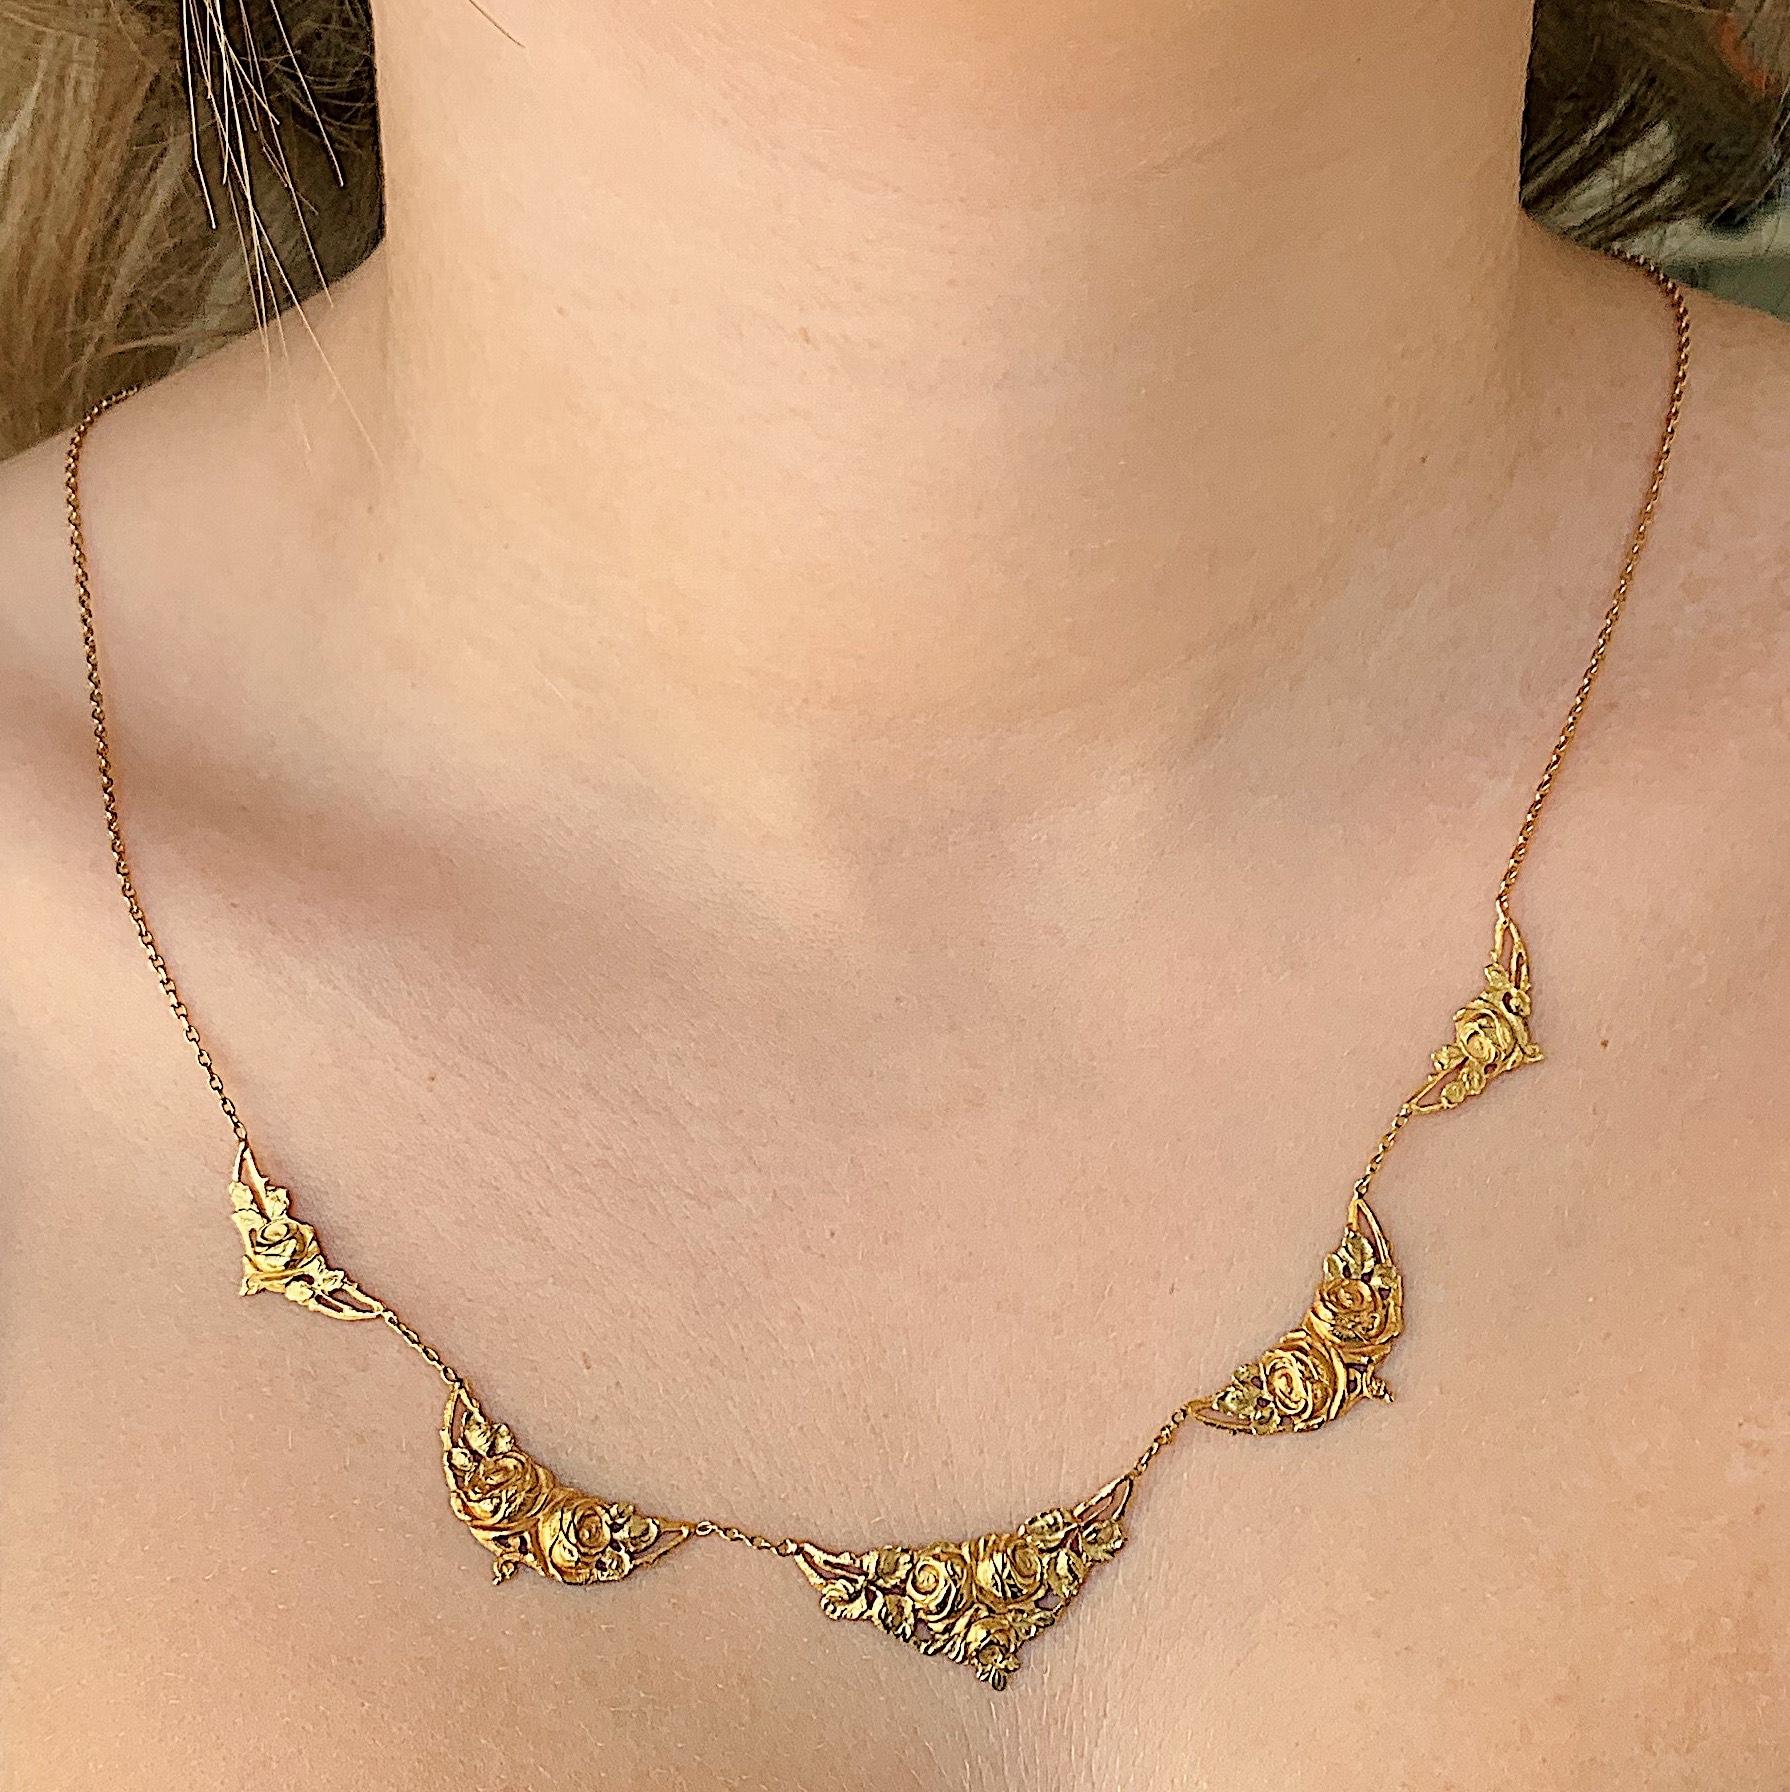 שרשרת עתיקה, זהב עם עיטורי ורדים.